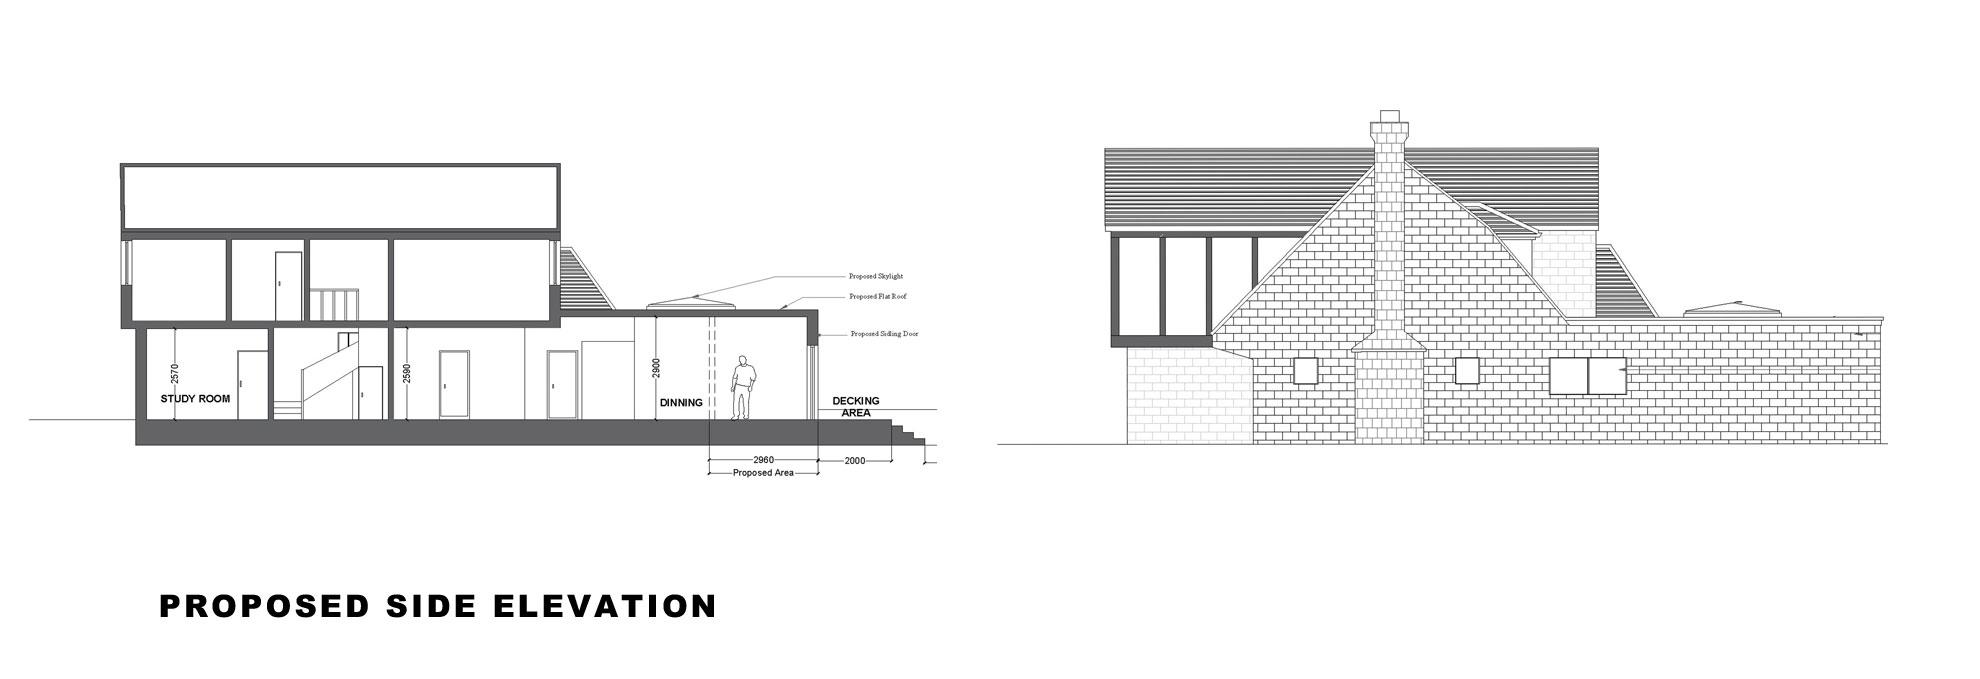 garage conversion in kingston.